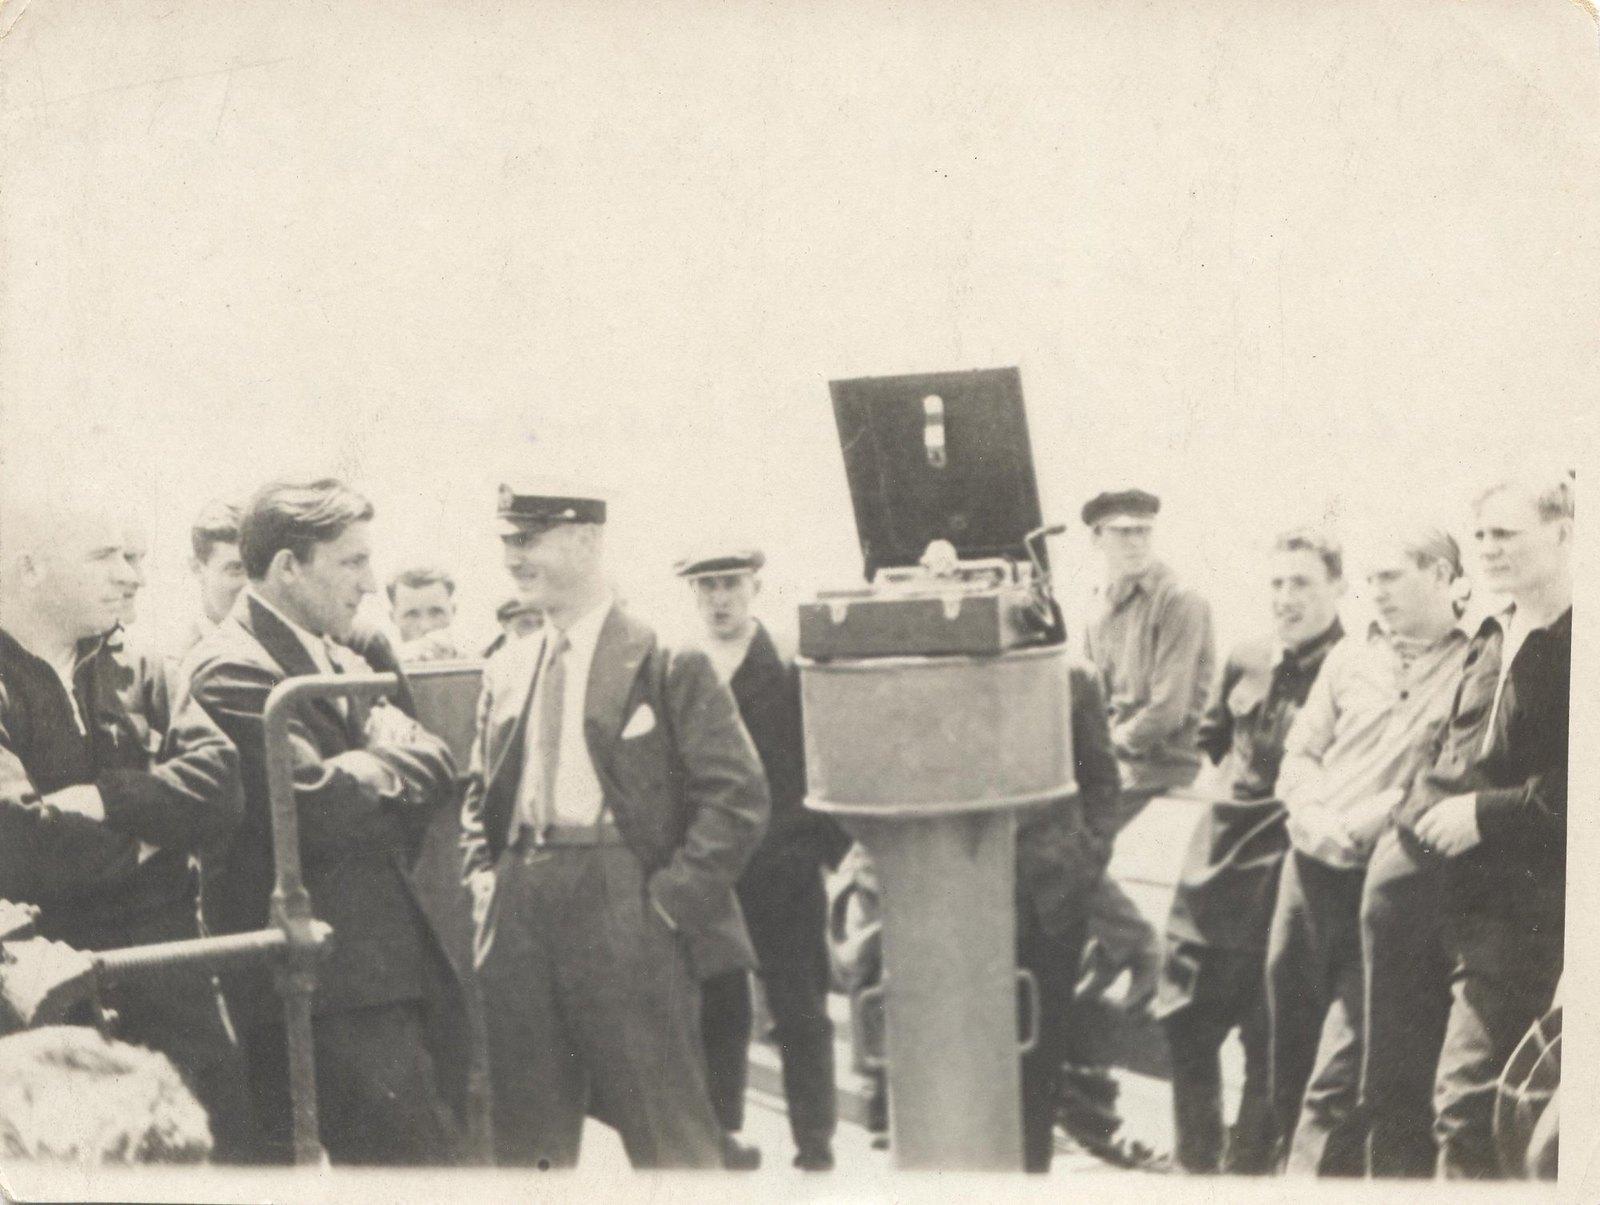 1934. Участники экспедиции по спасению челюскинцев